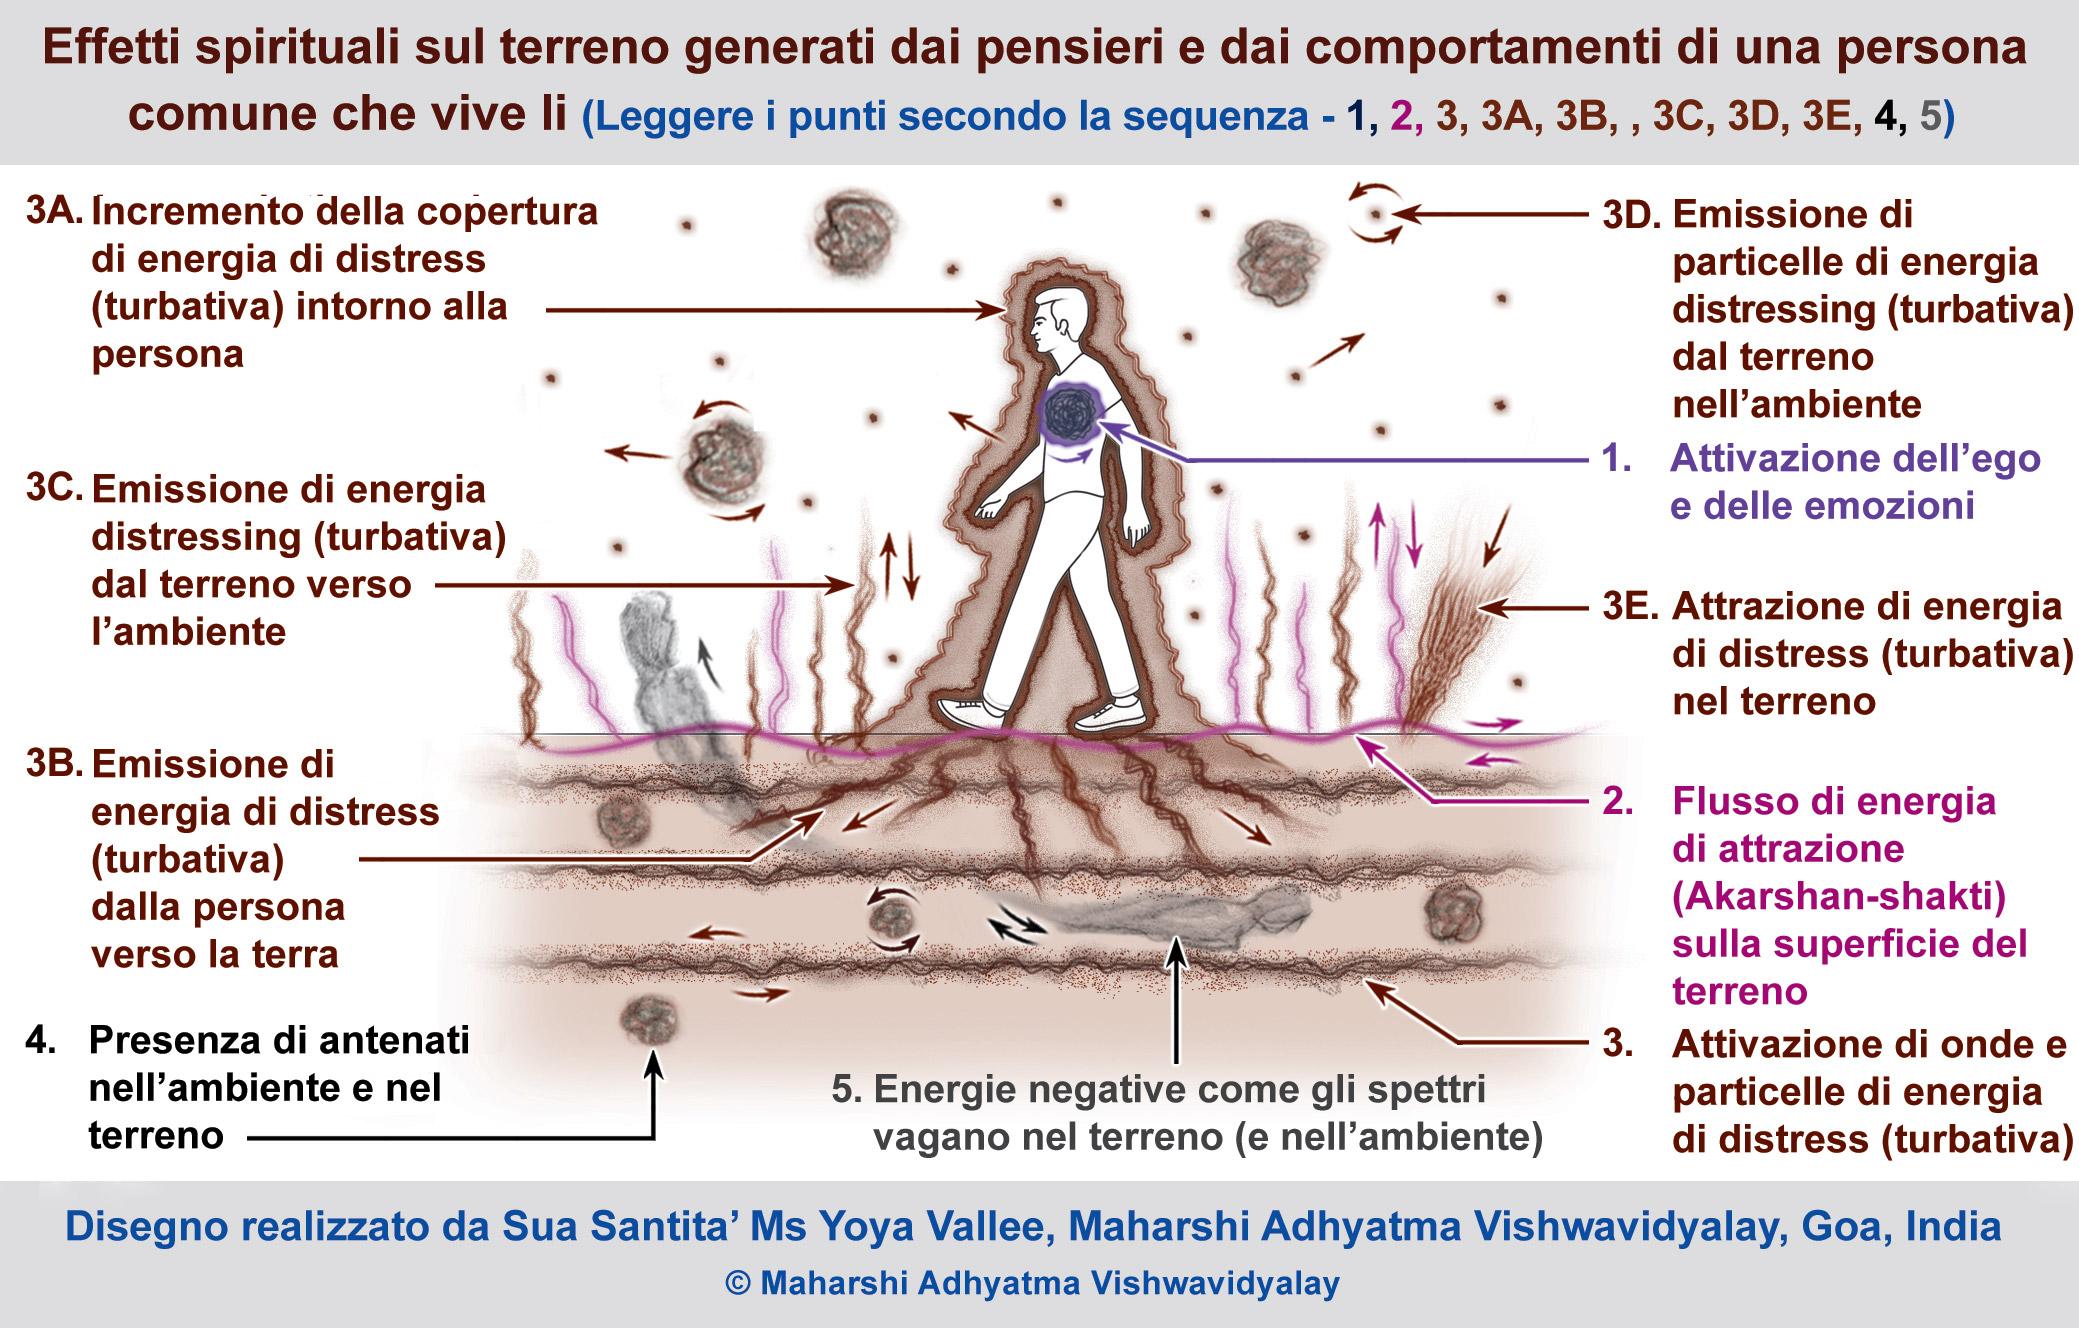 Uno studio spirituale del suolo - Parte 2